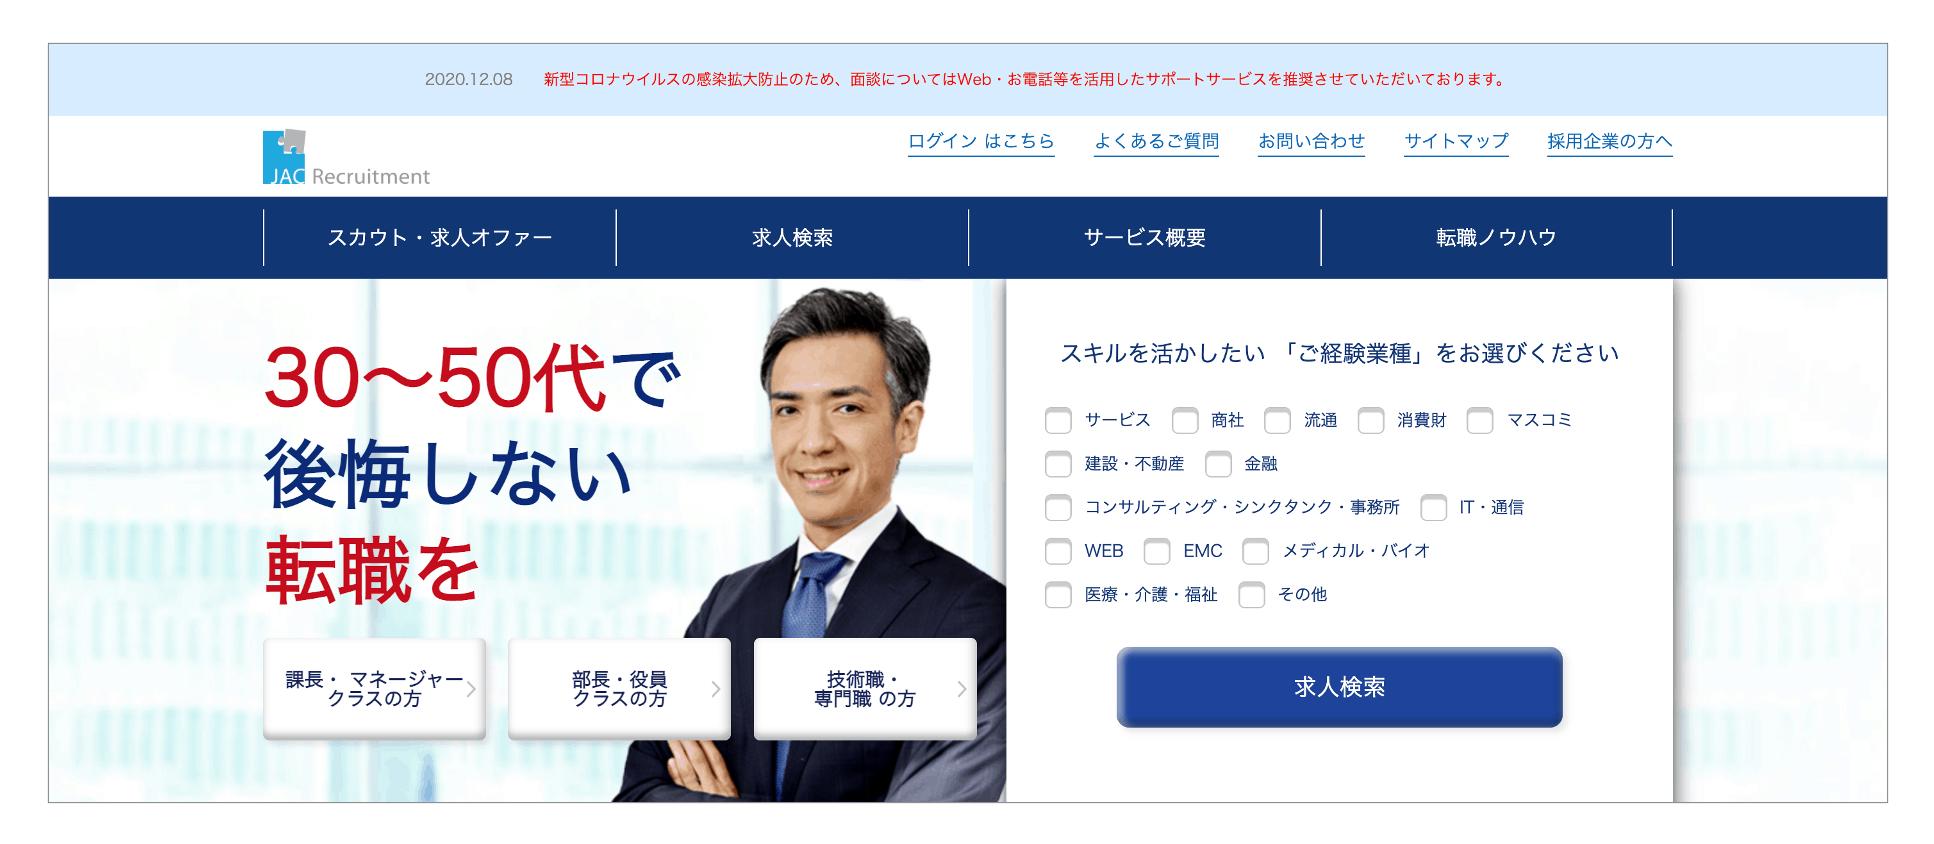 おすすめの転職サイト「JACリクルートメント」